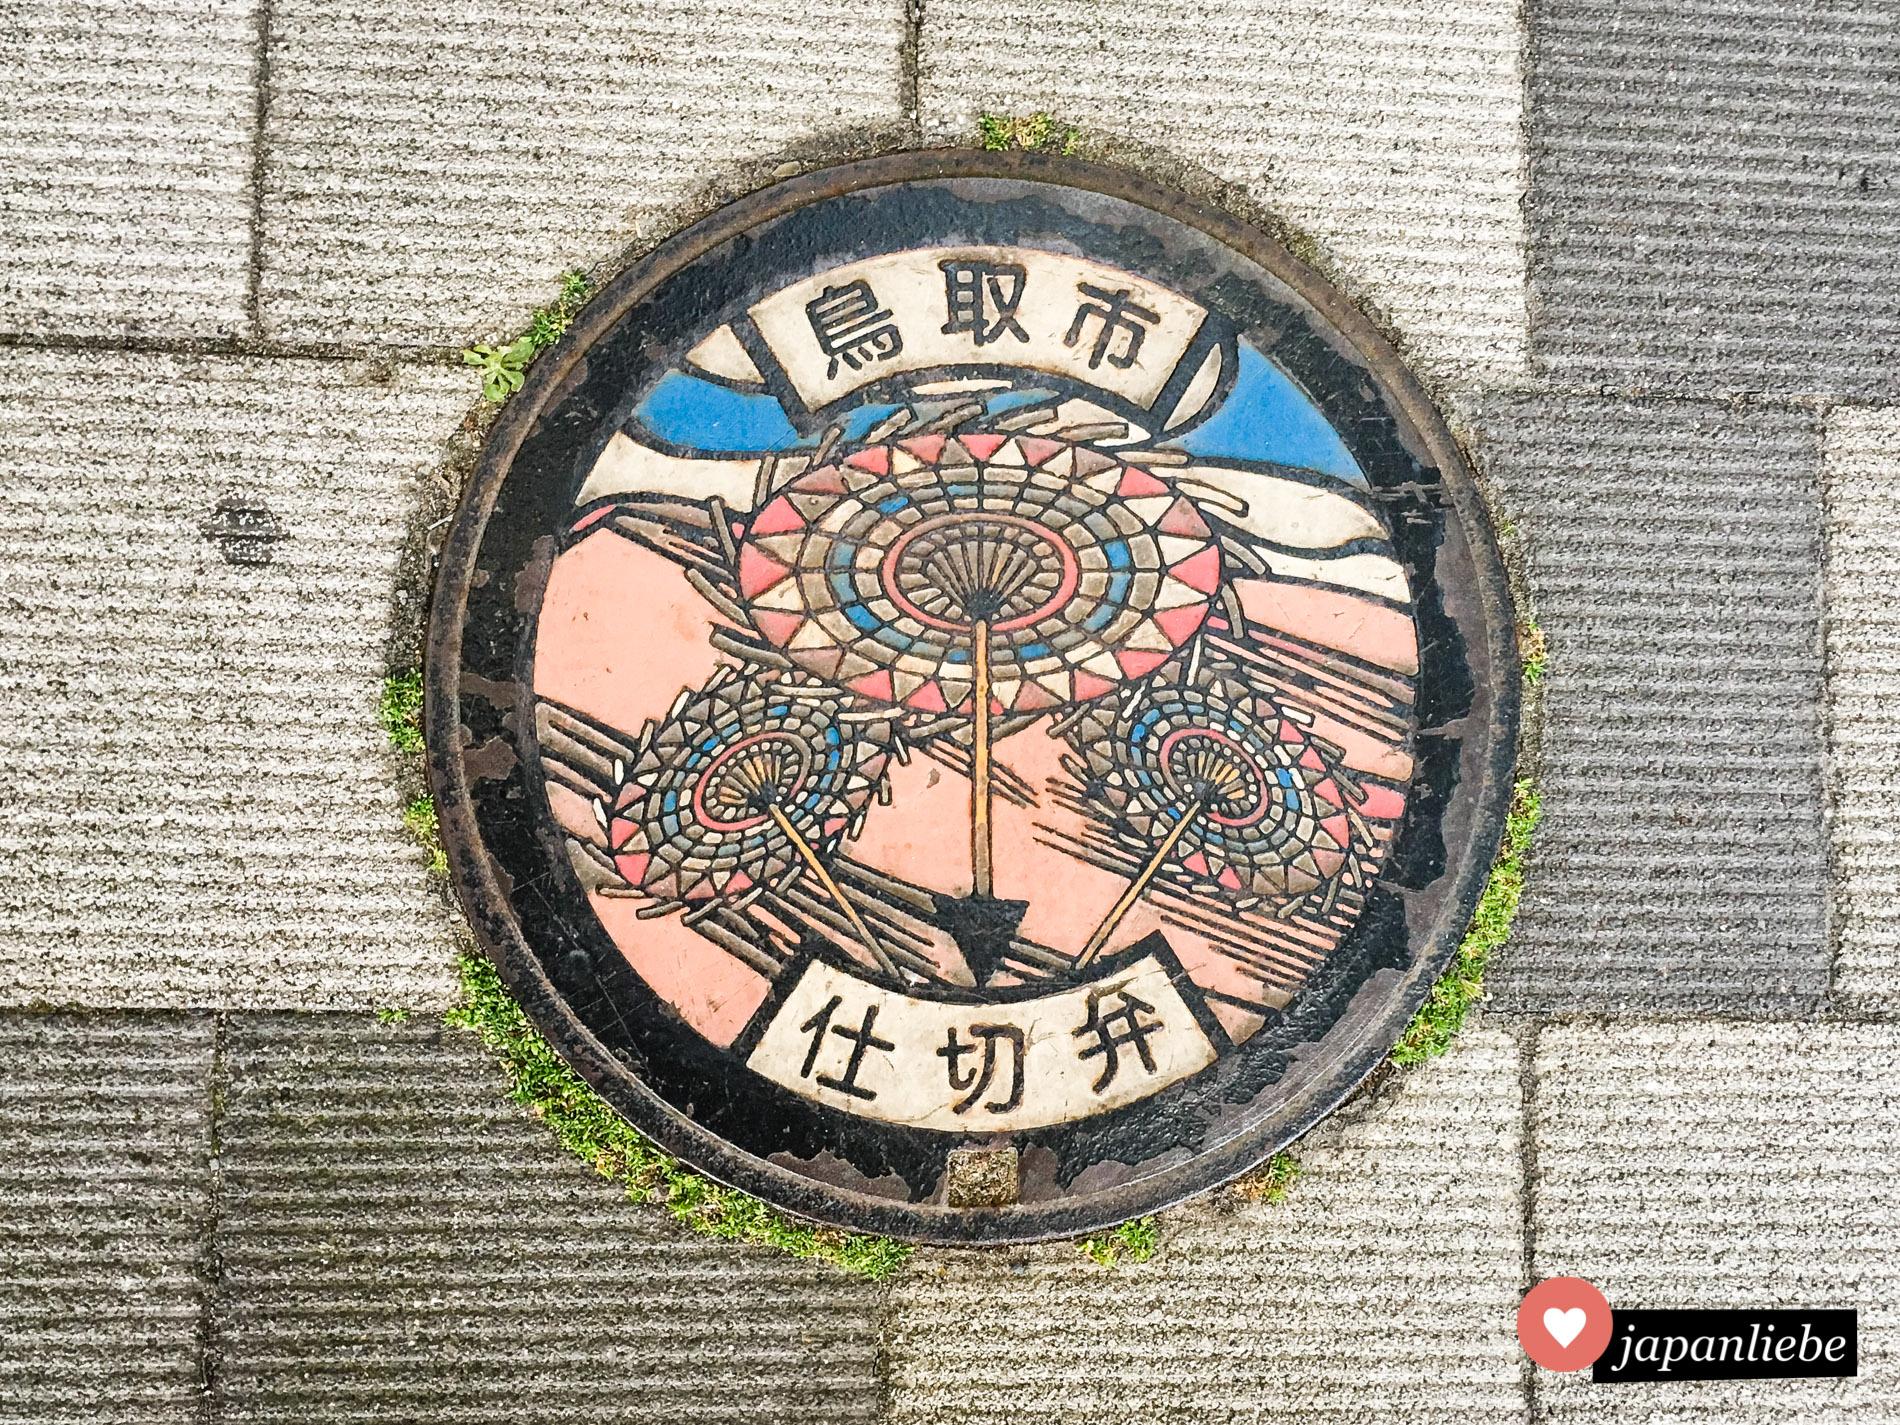 Ein Kanaldeckel zeigt gemeinsam die beiden großen Highlights von Tottori: Shanshan-Schirme und Sanddünen.